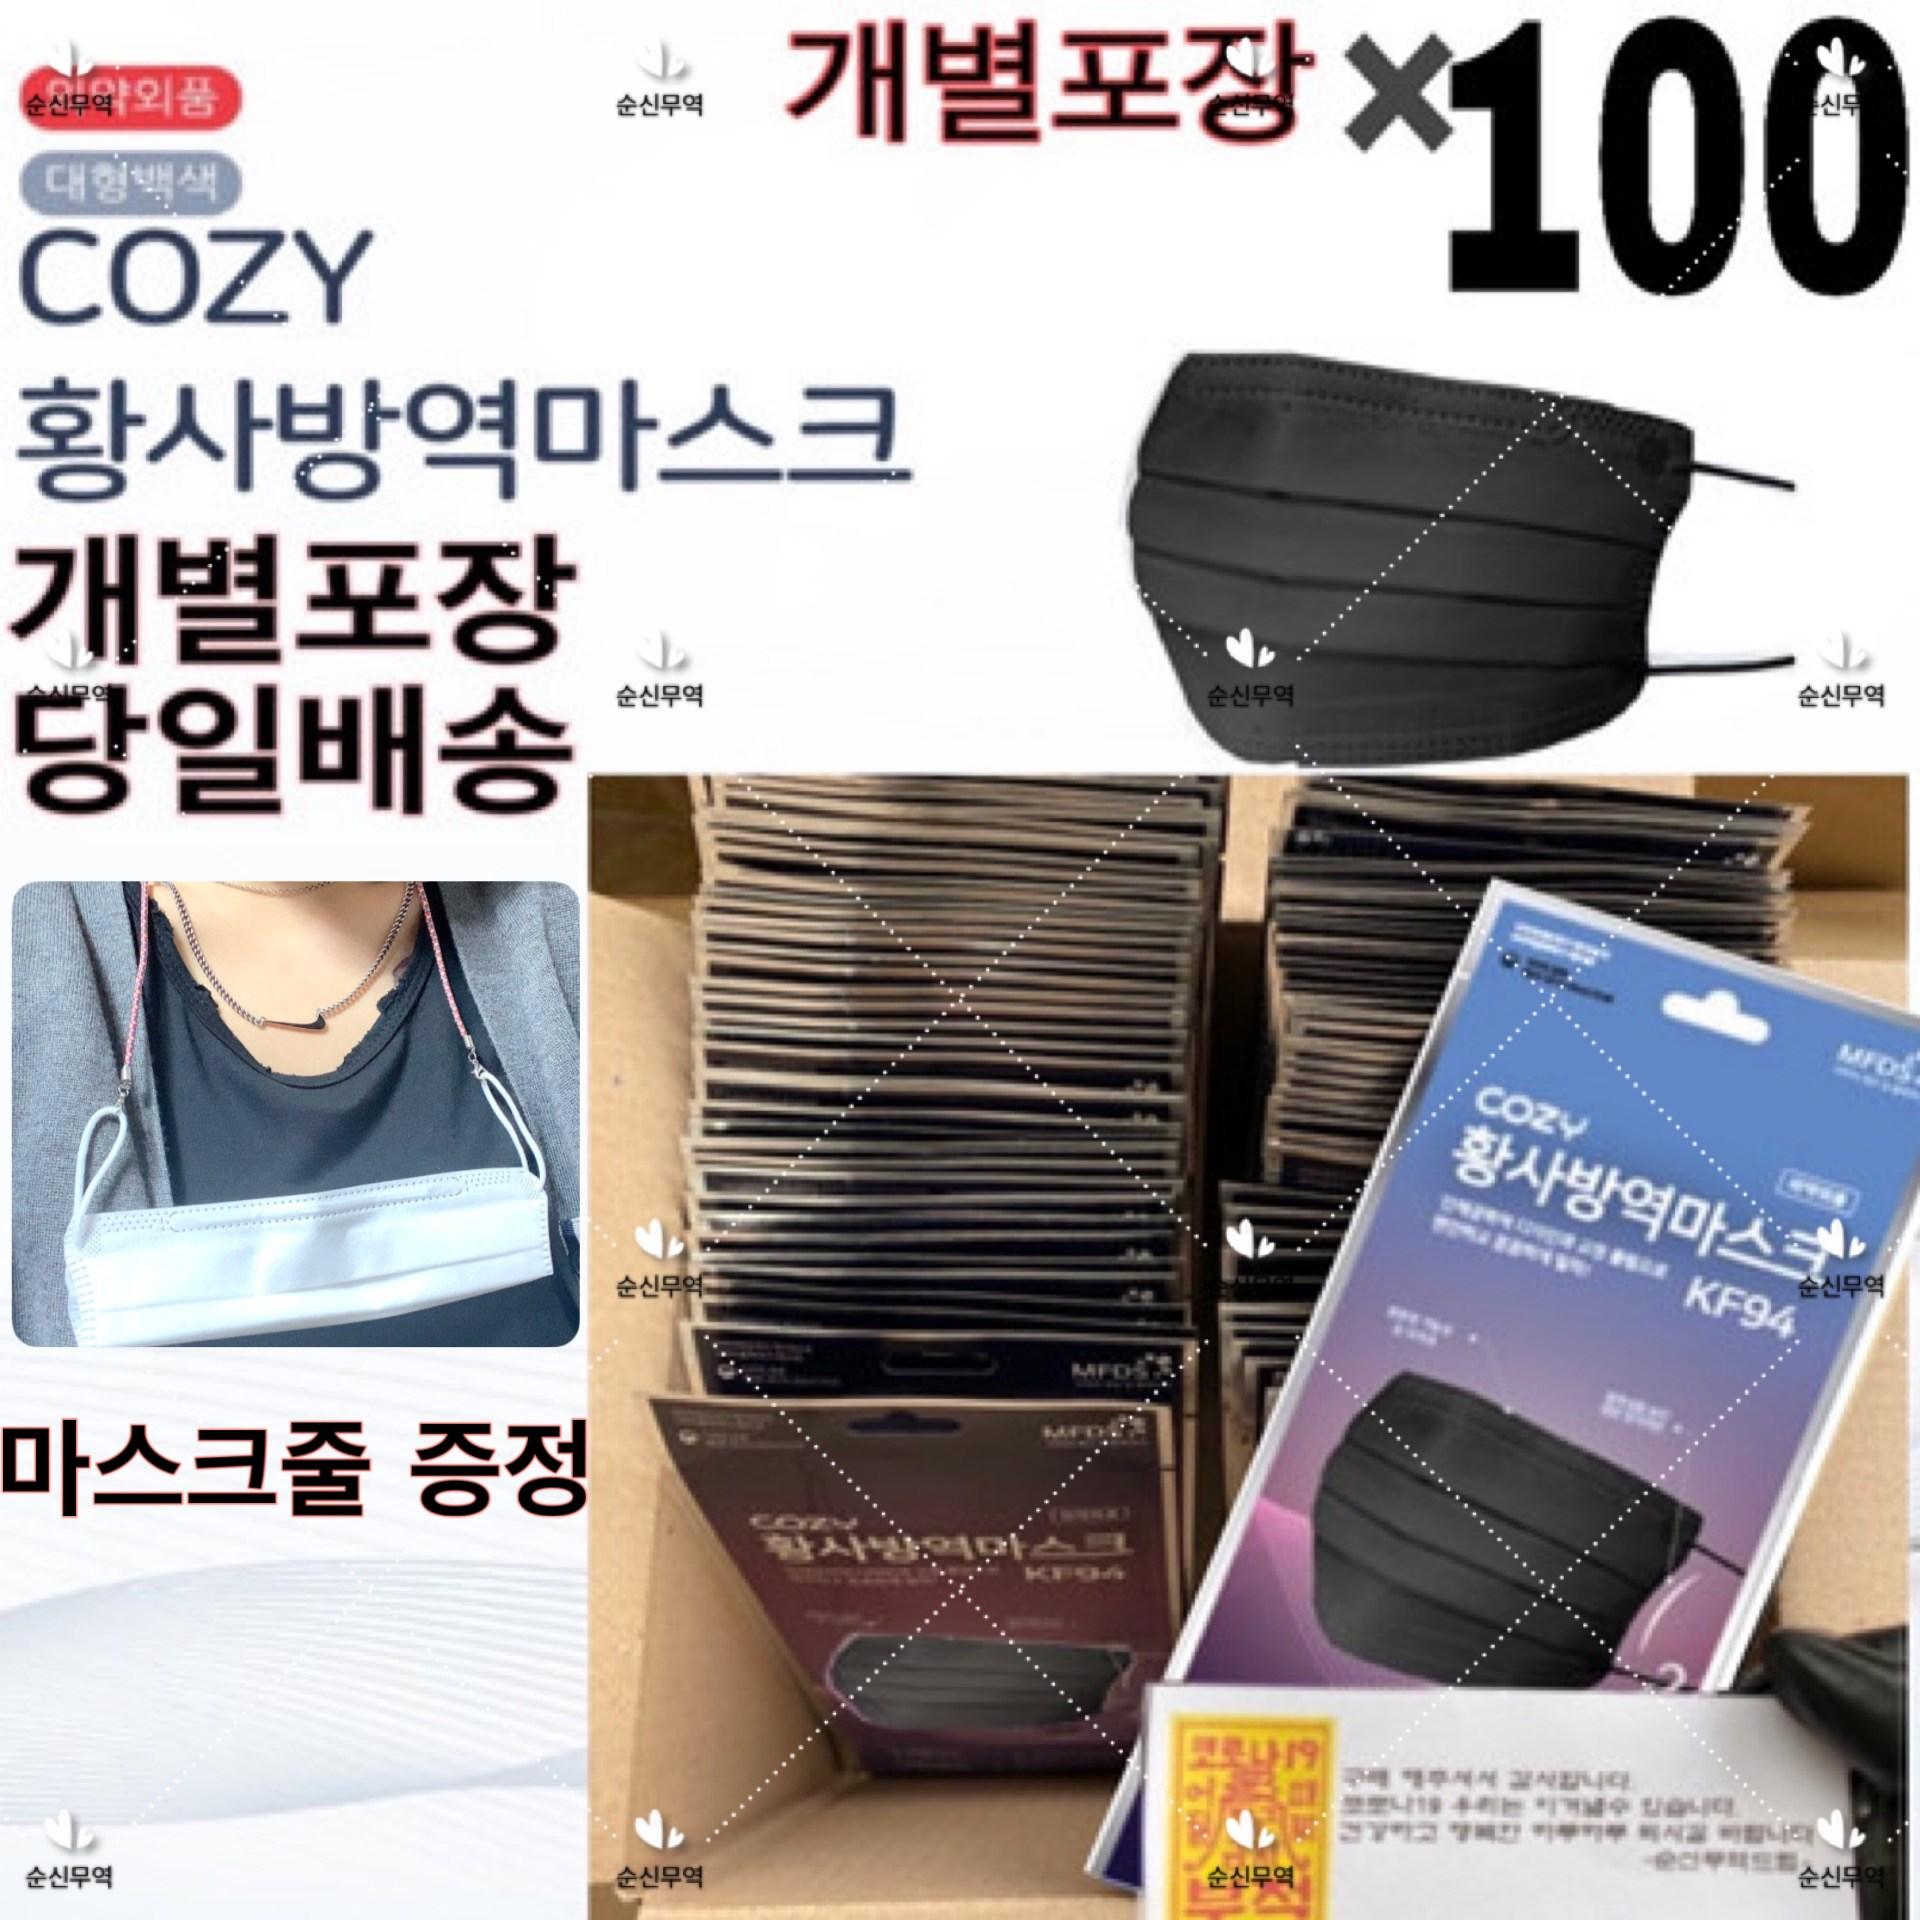 (타임세일)코지cozy 블랙 KF94 황사방역마스크 개별포장X50_X100개 국내원단 당일배송, 1개입, 100개